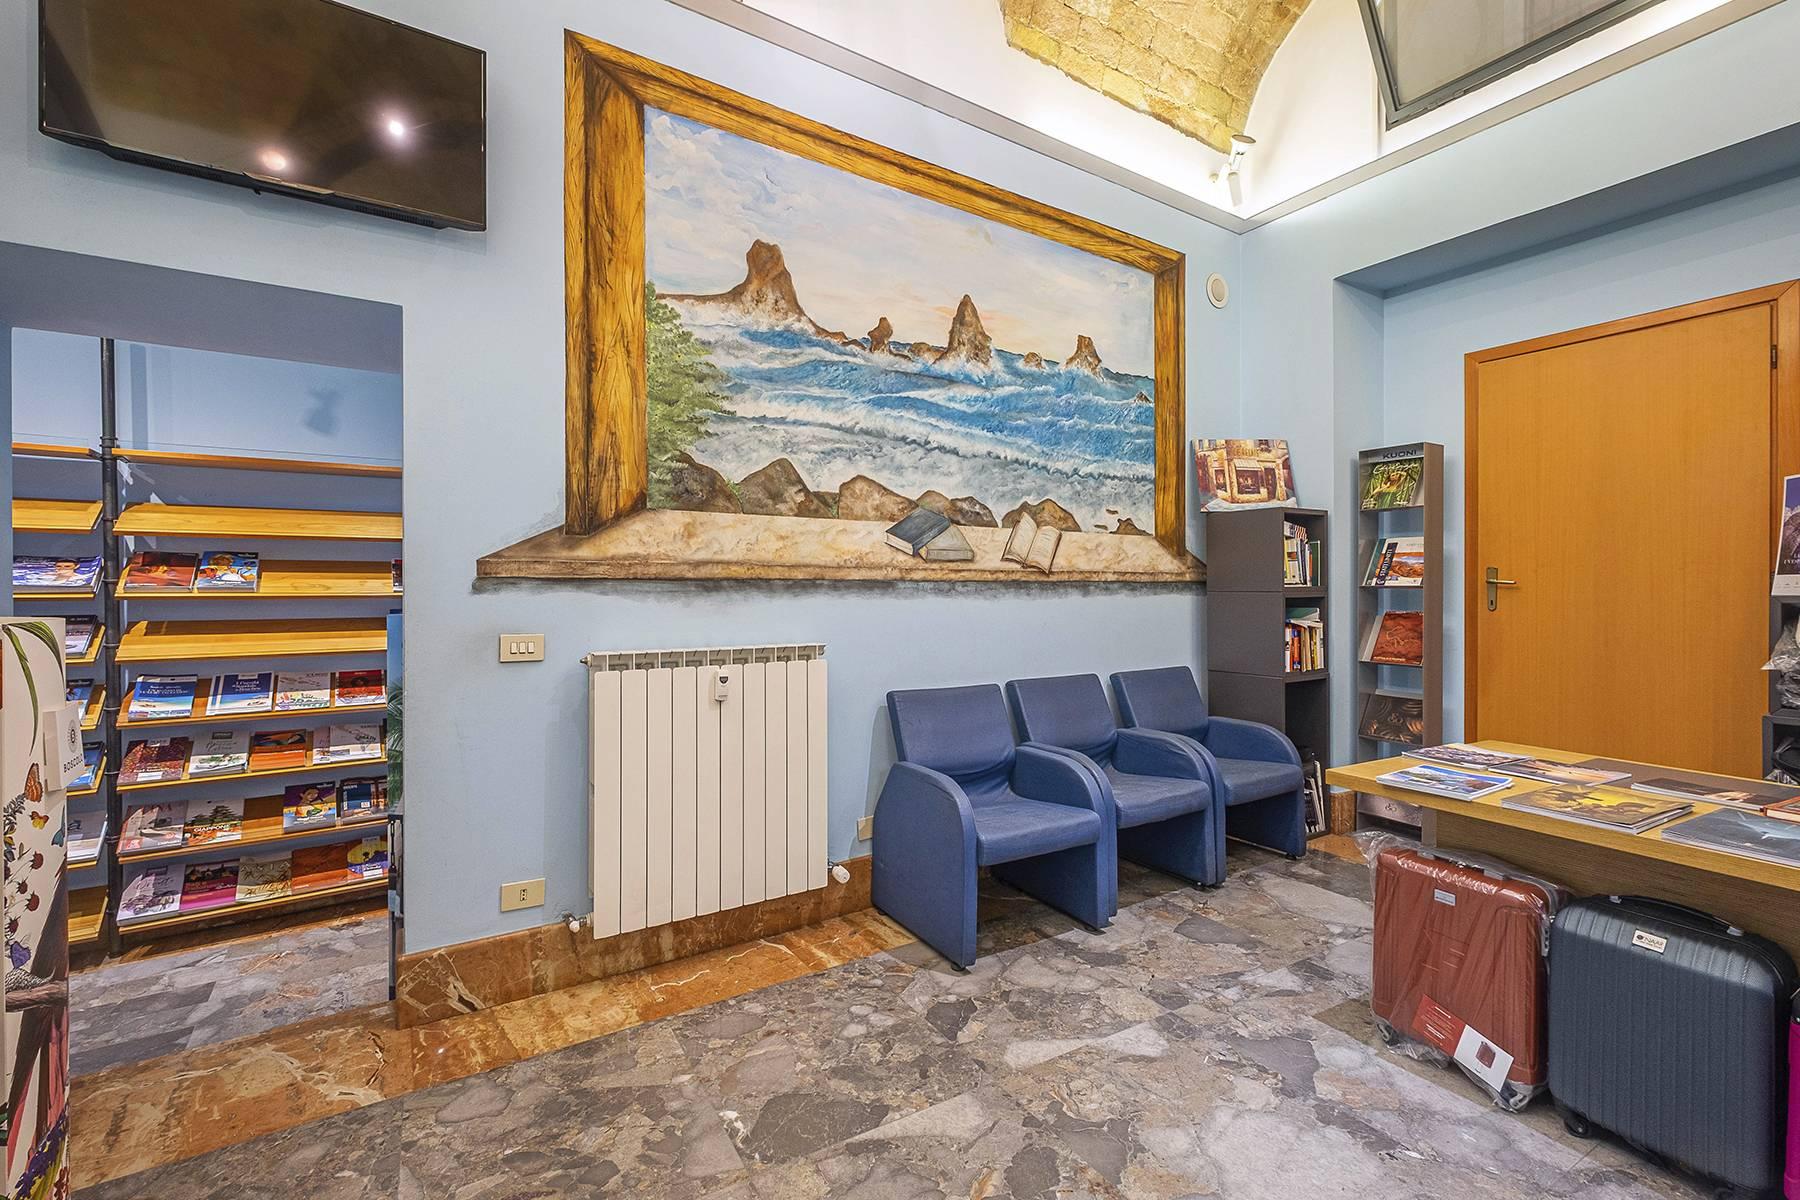 Negozio-locale in Vendita a Roma: 5 locali, 180 mq - Foto 5